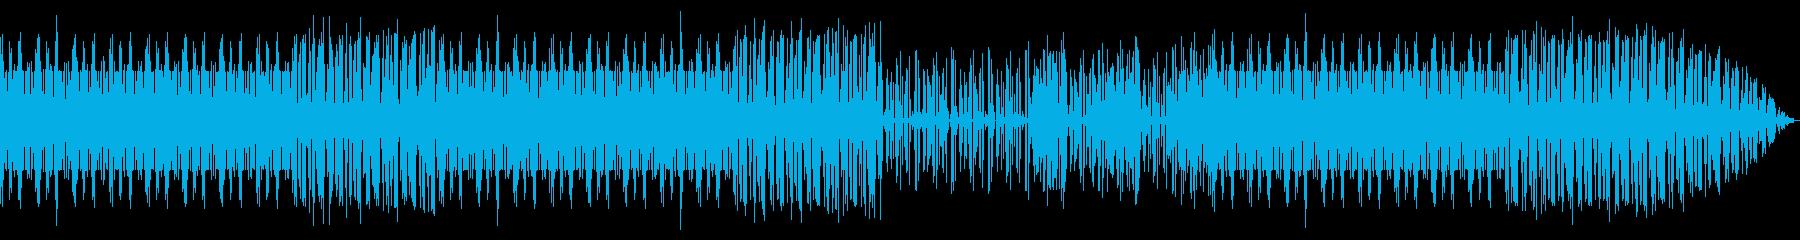 サイバーで疾走感 テクノ エレクトロニカの再生済みの波形